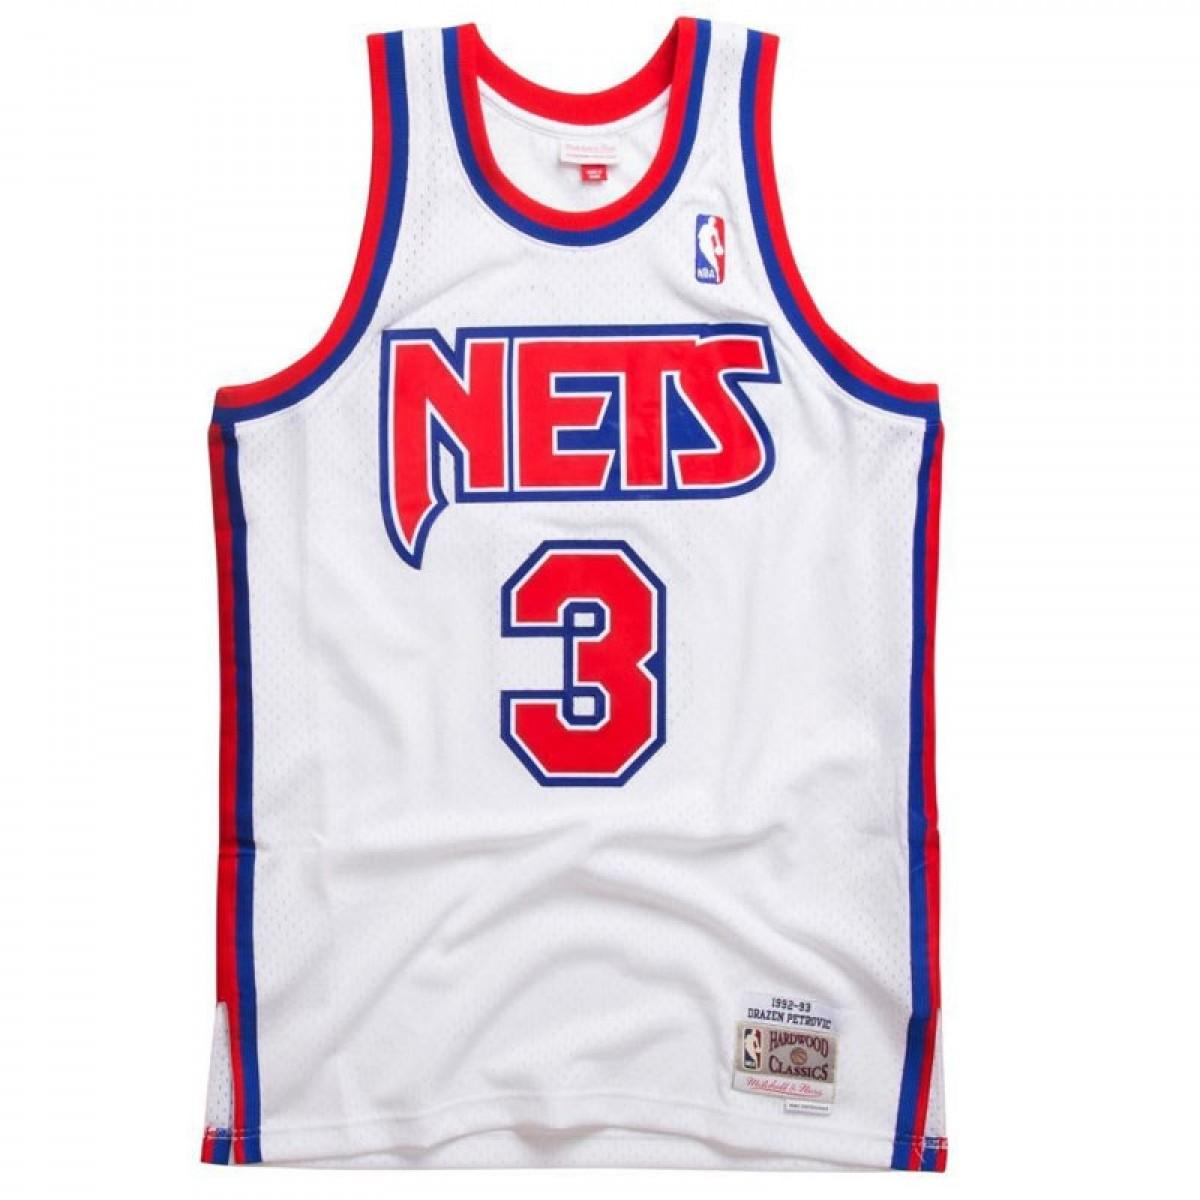 Mitchell & Ness Petrovic Swingman Jersey Home 'Nets'